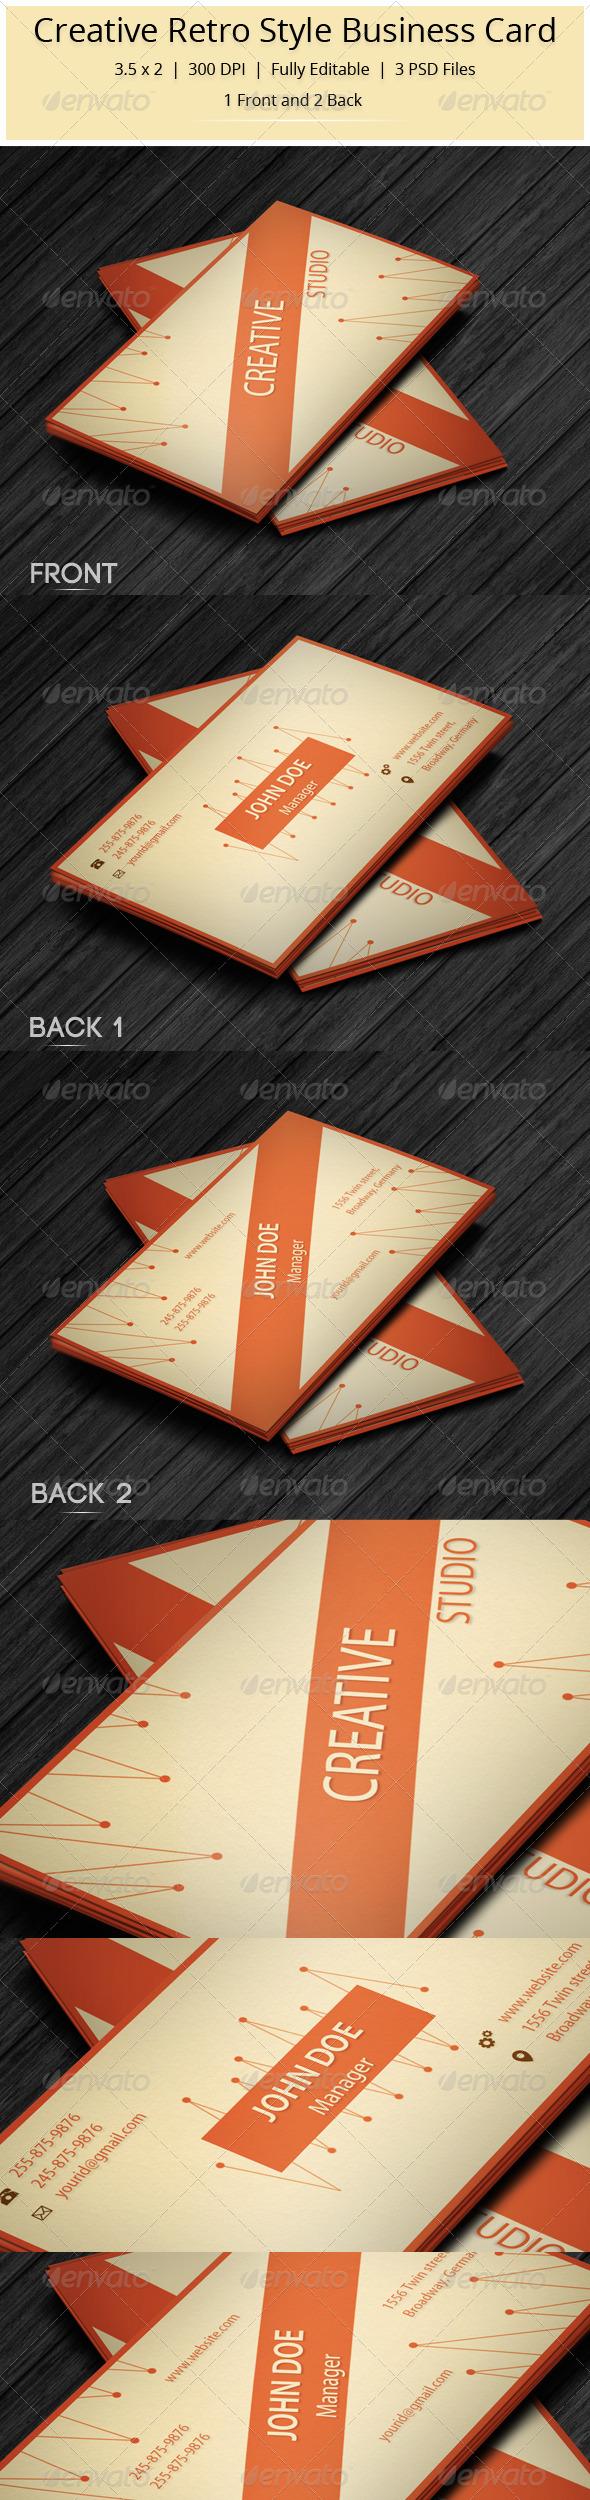 GraphicRiver Creative Retro Style Business Card 5906581